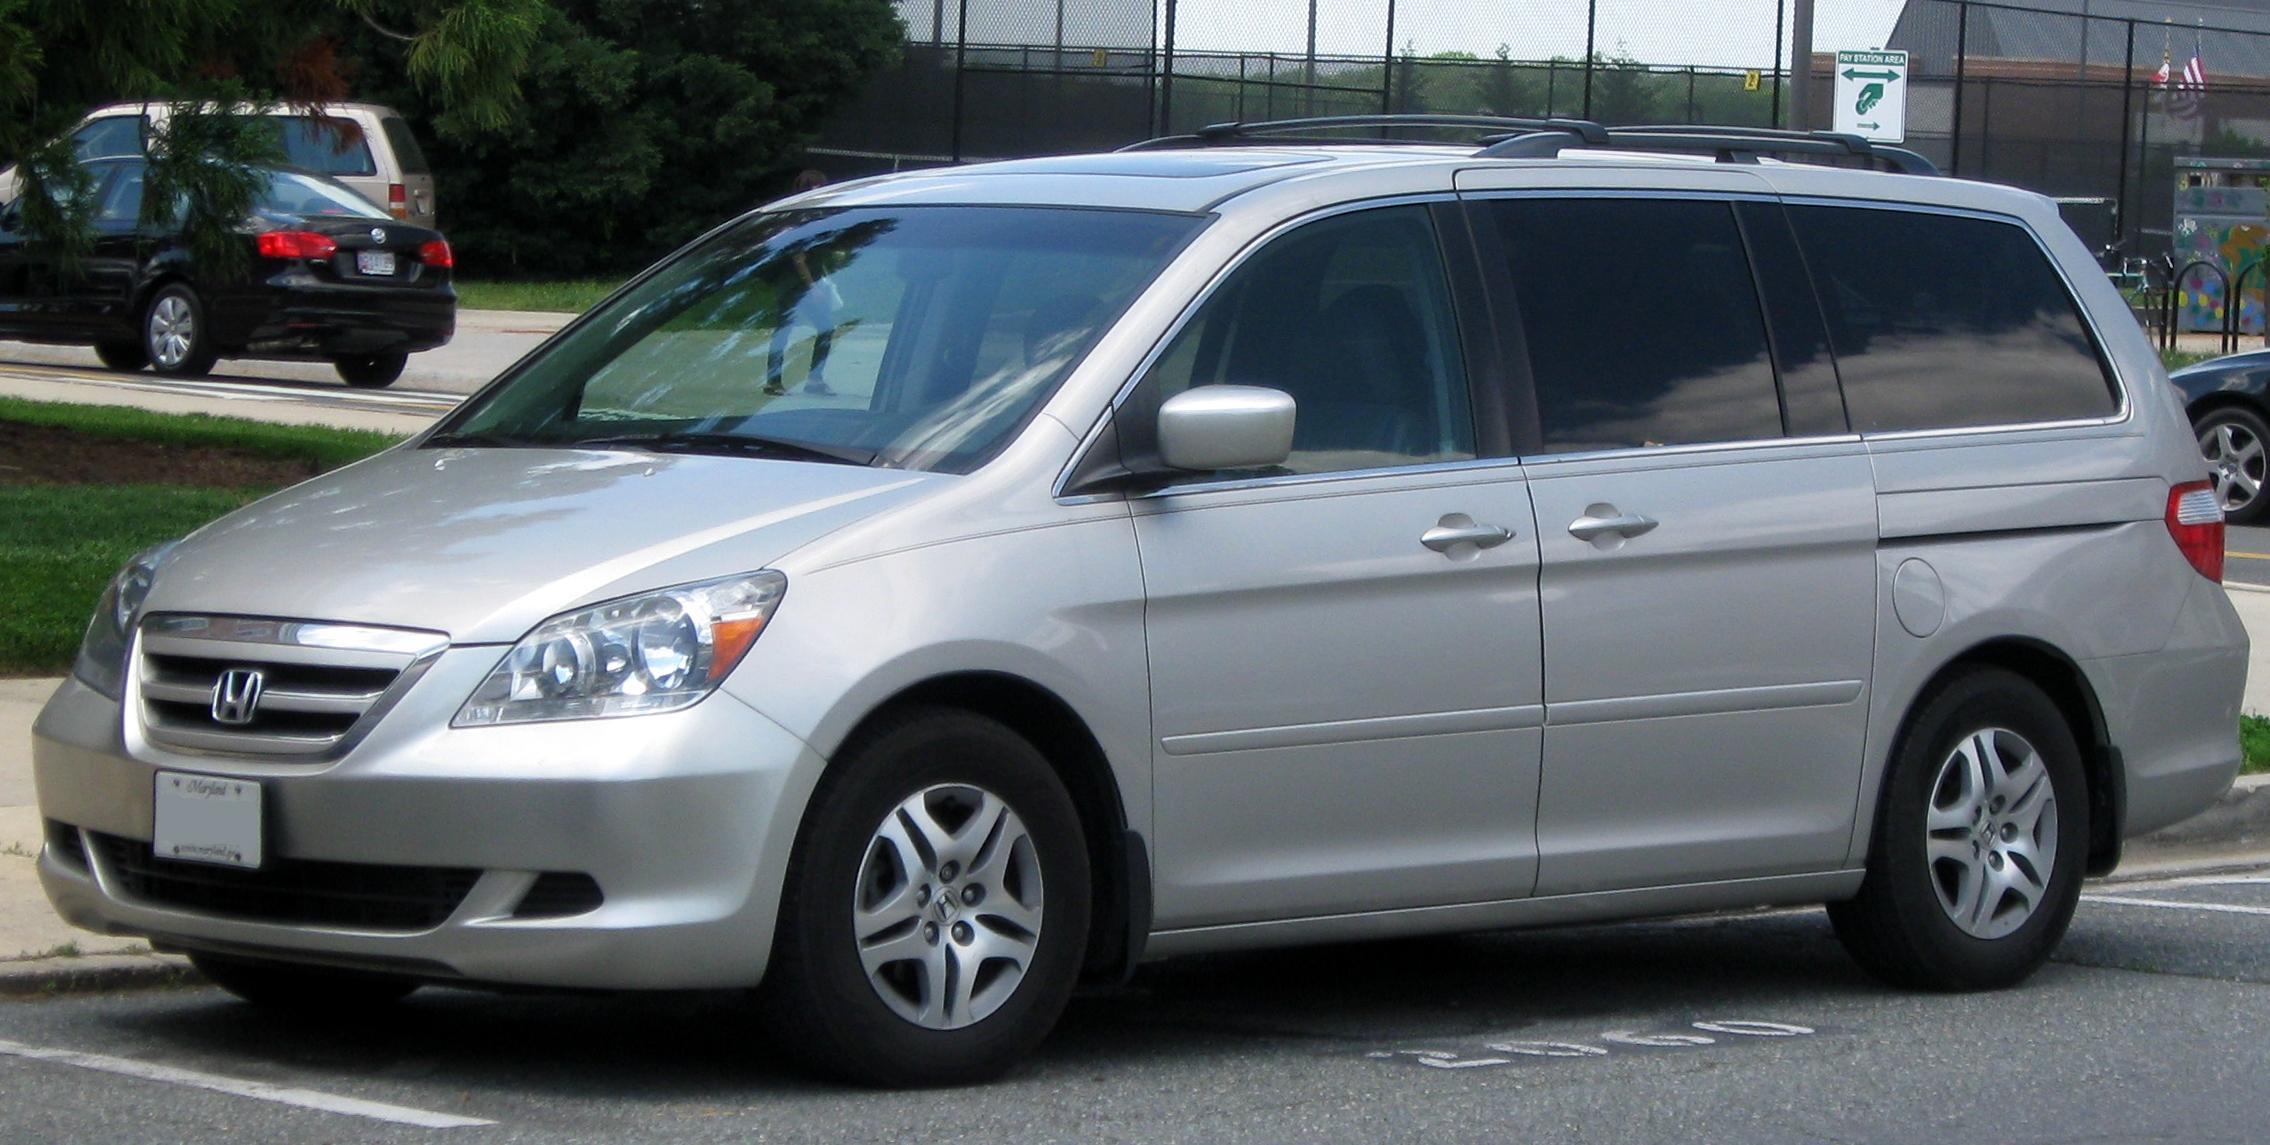 2007 Honda Odyssey Image 22